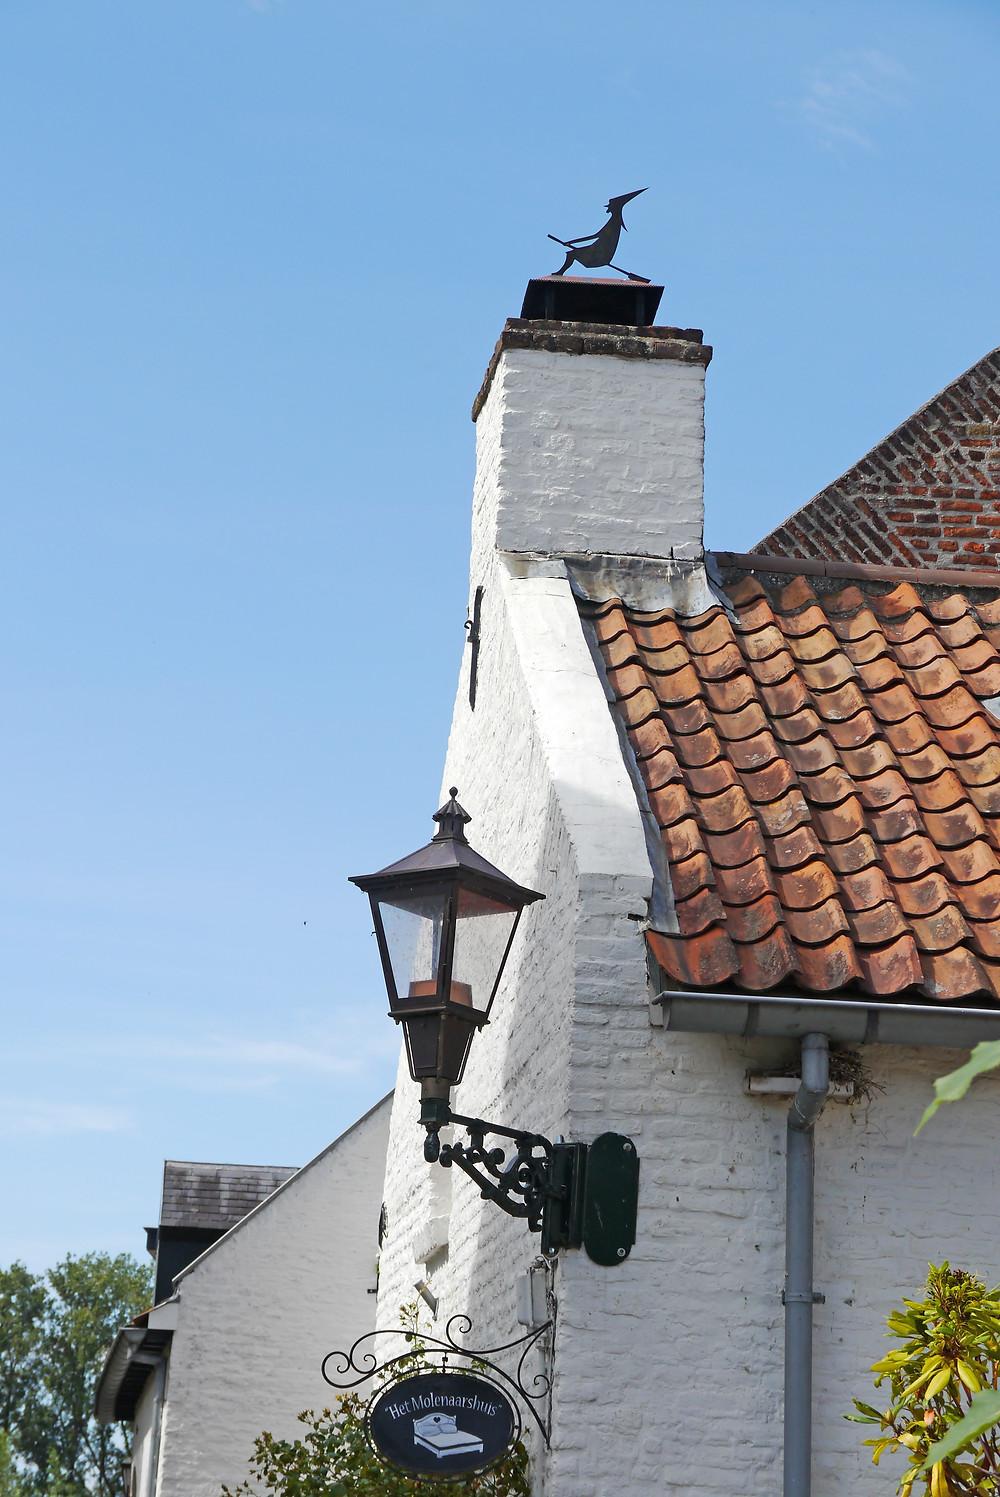 המכשפה הזכירה לי כפר אחר בהולנד ובו מוזיאון המכשפות. פוסט על גבינות ומכשפות